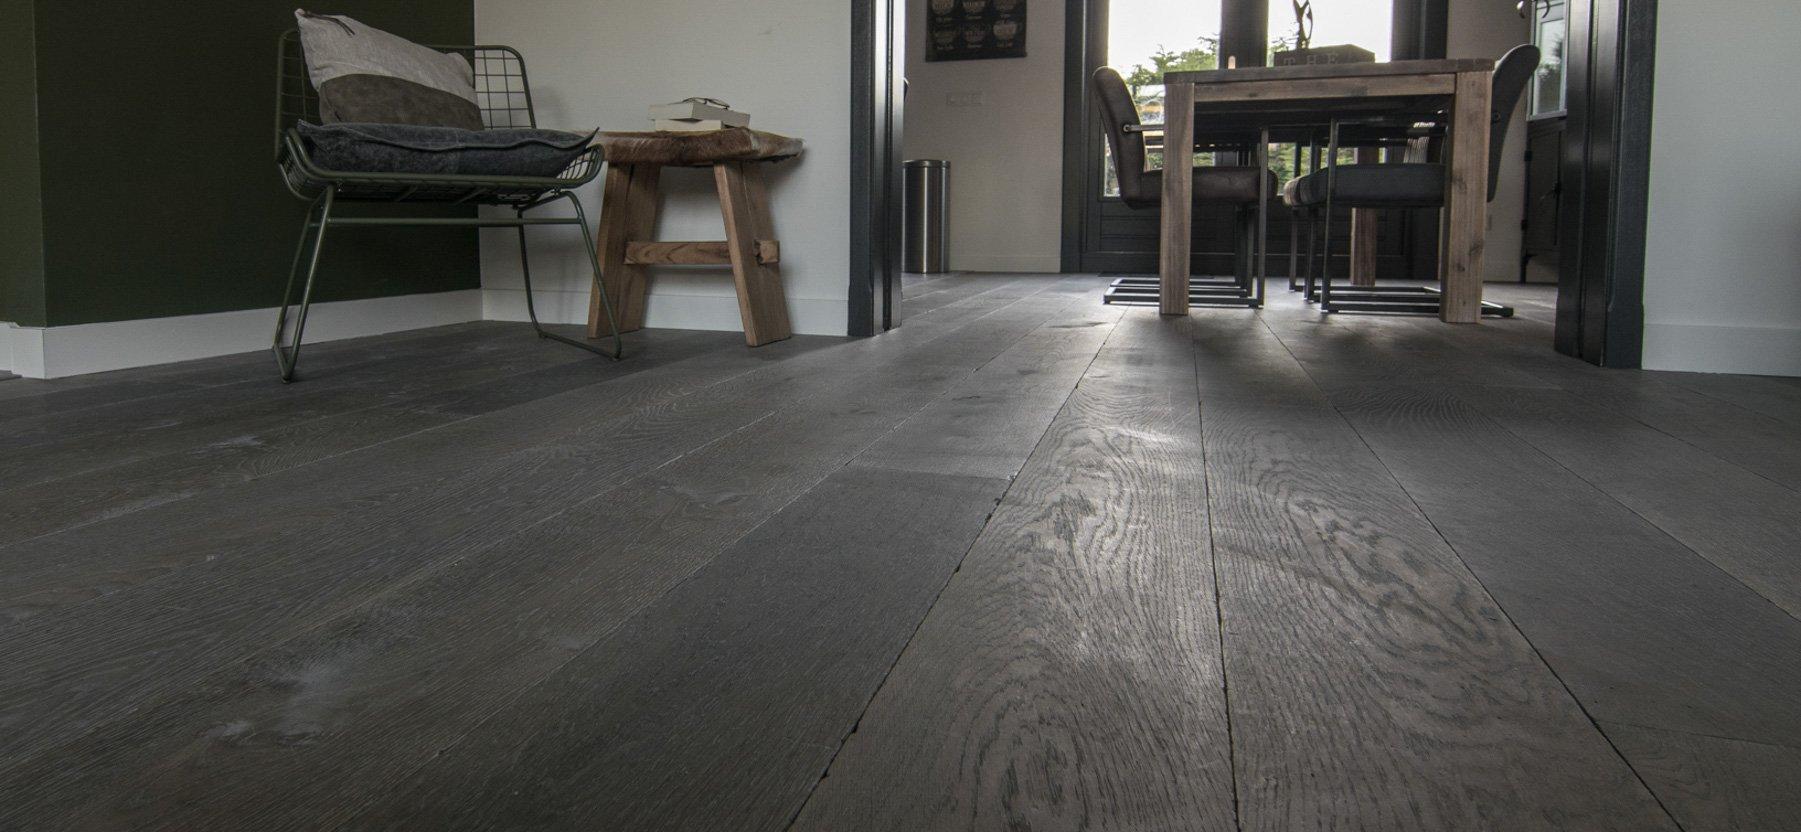 Grijze houten vloer in woonkamer